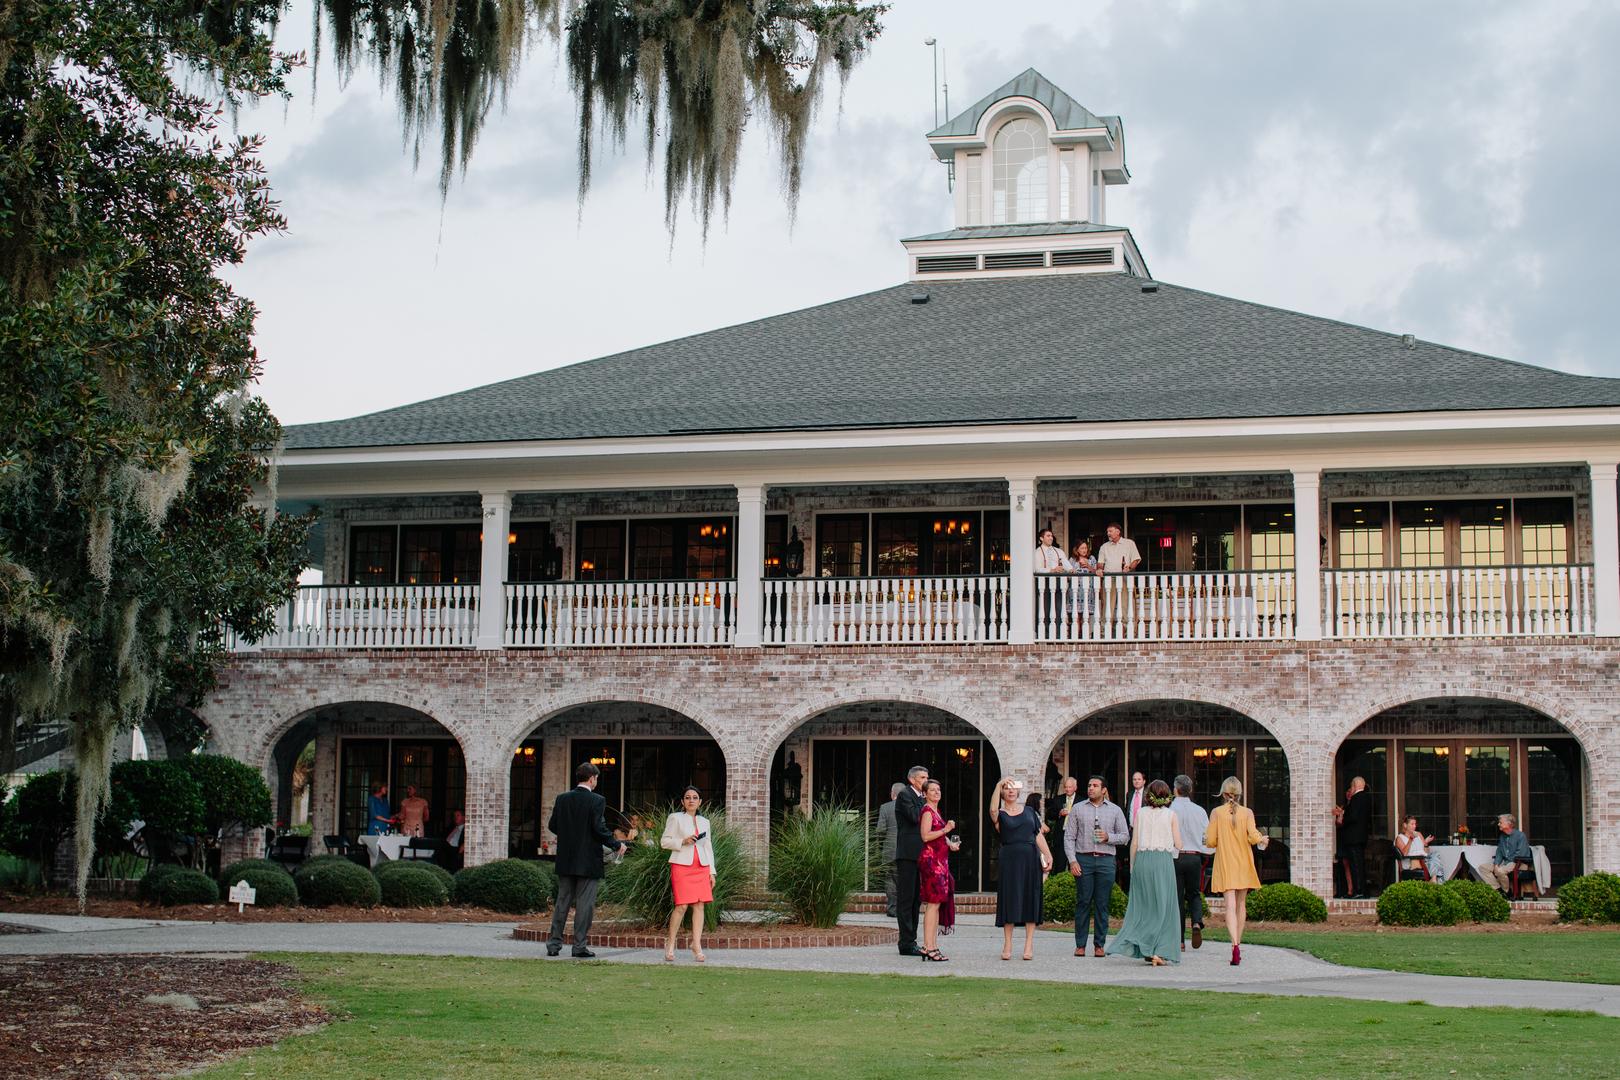 dunes-west-golf-club-wedding-33.jpg